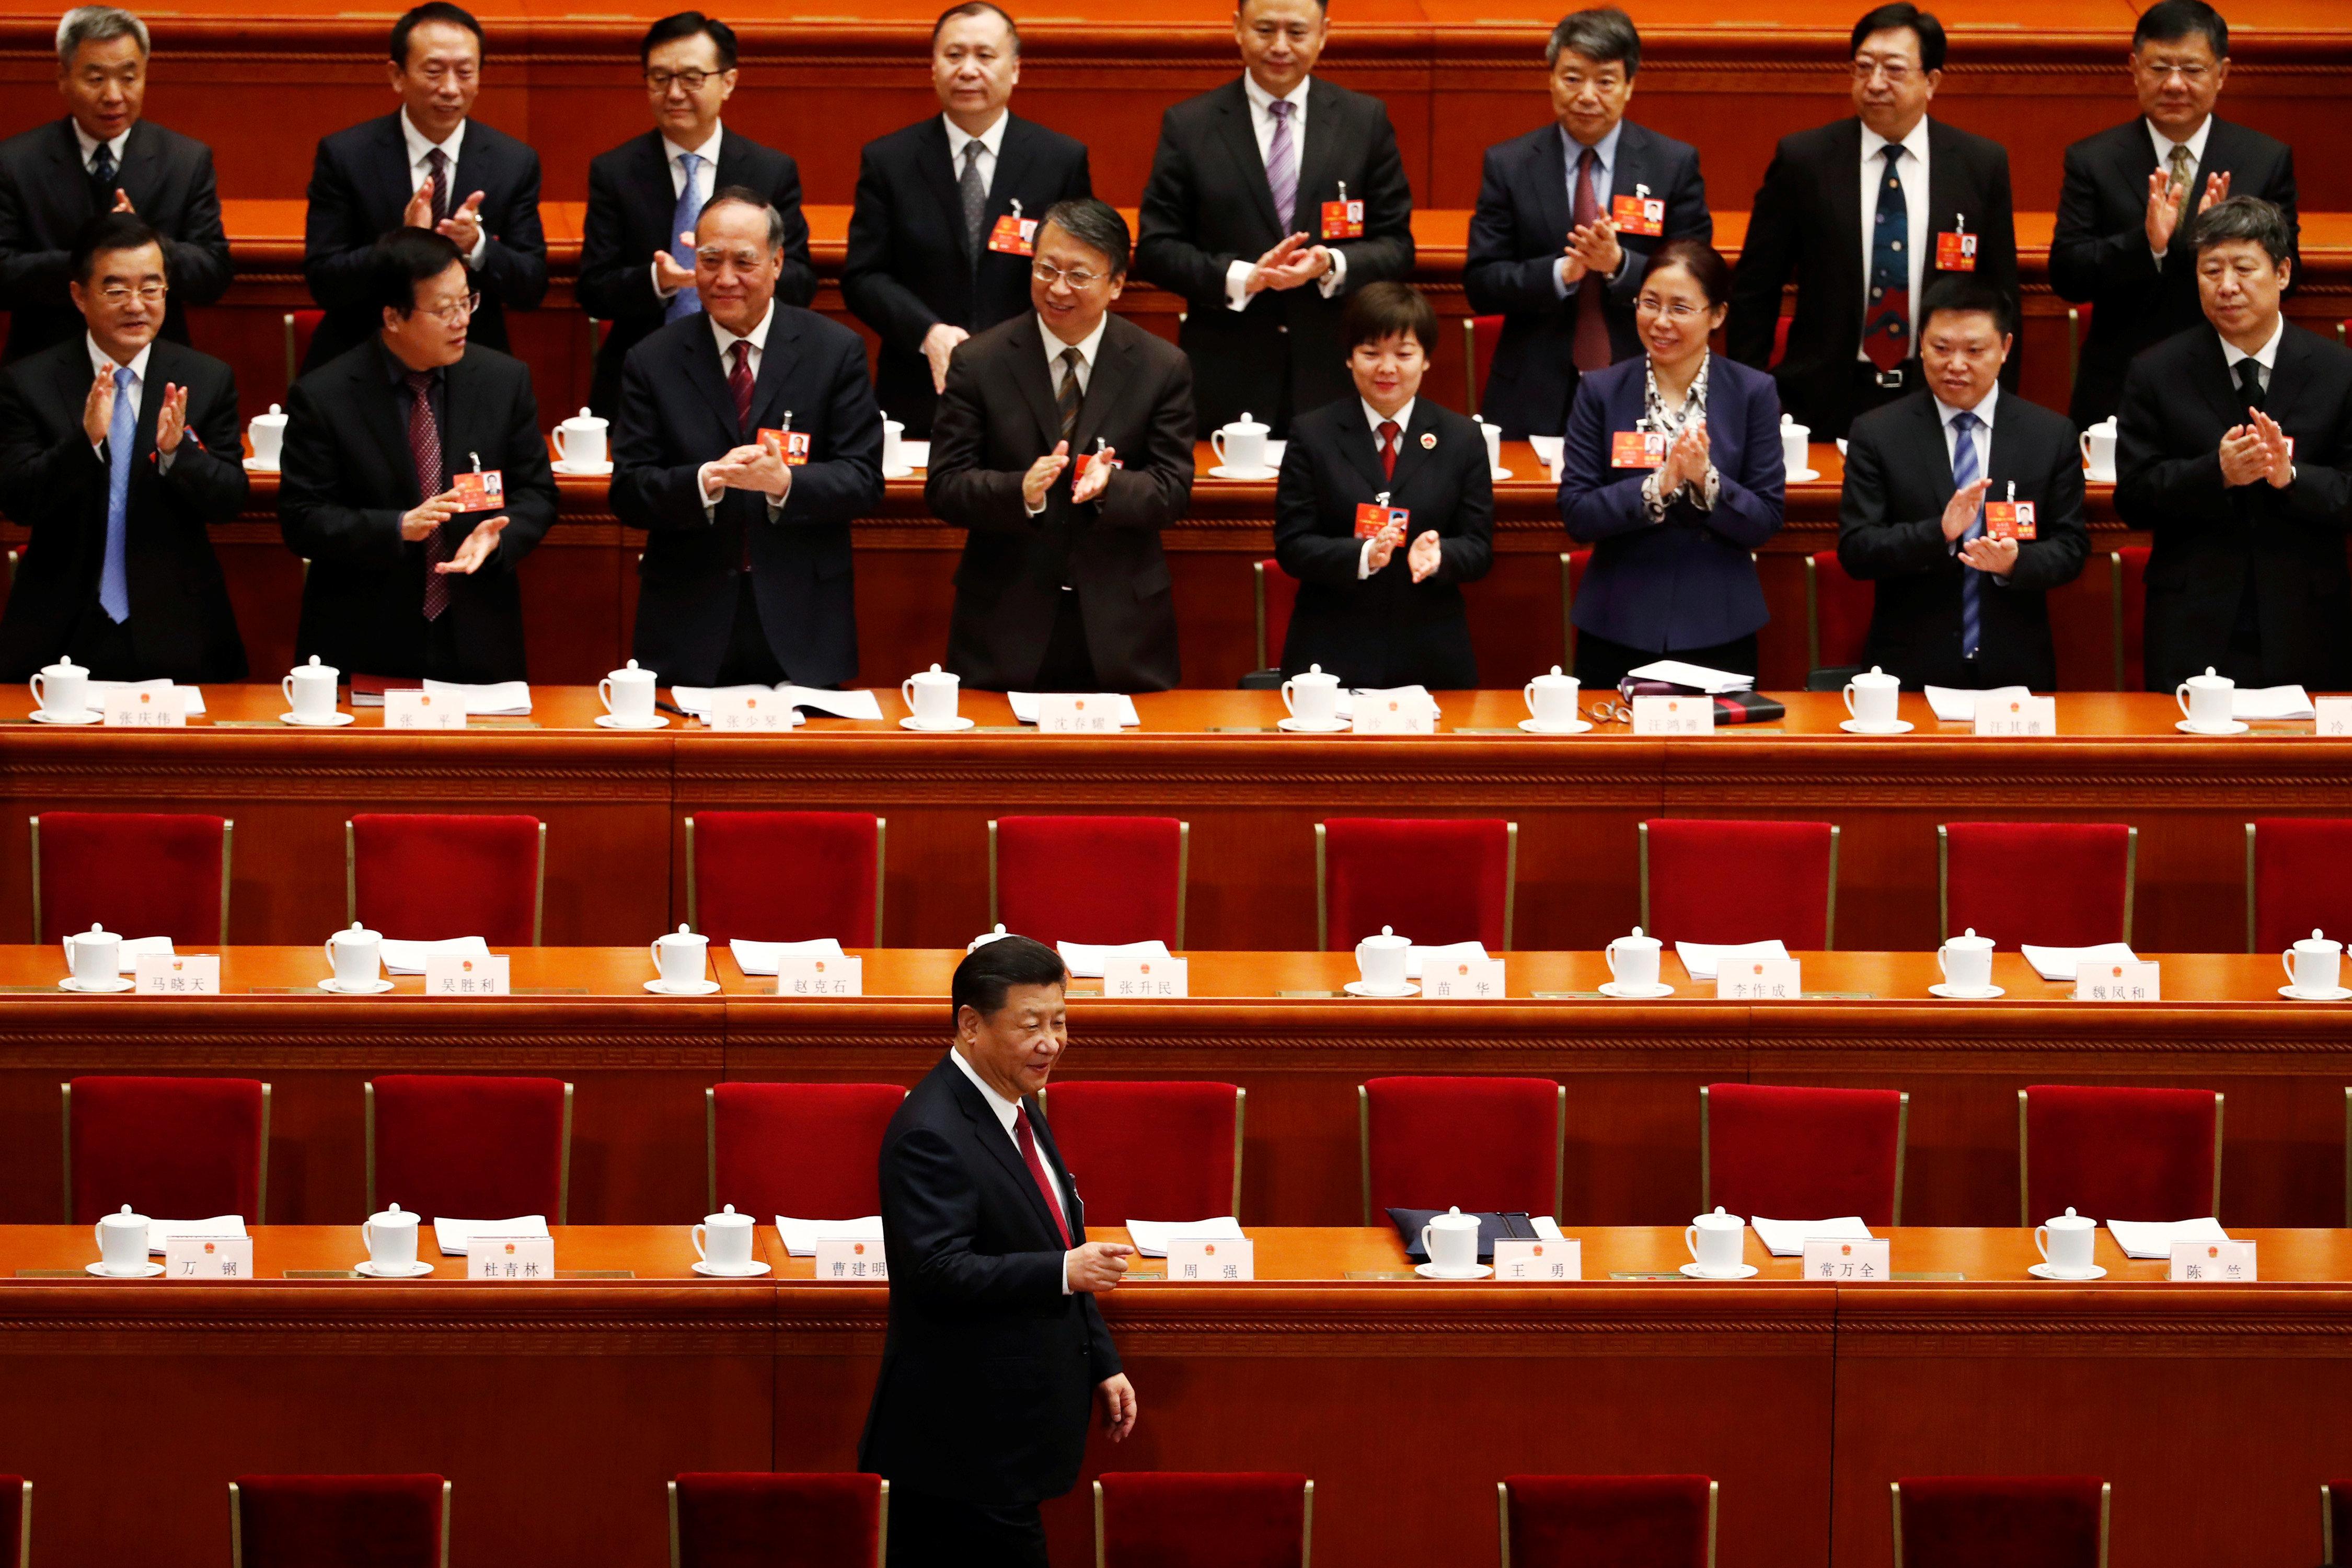 중국 새 헌법이 시진핑의 장기집권을 가능하게